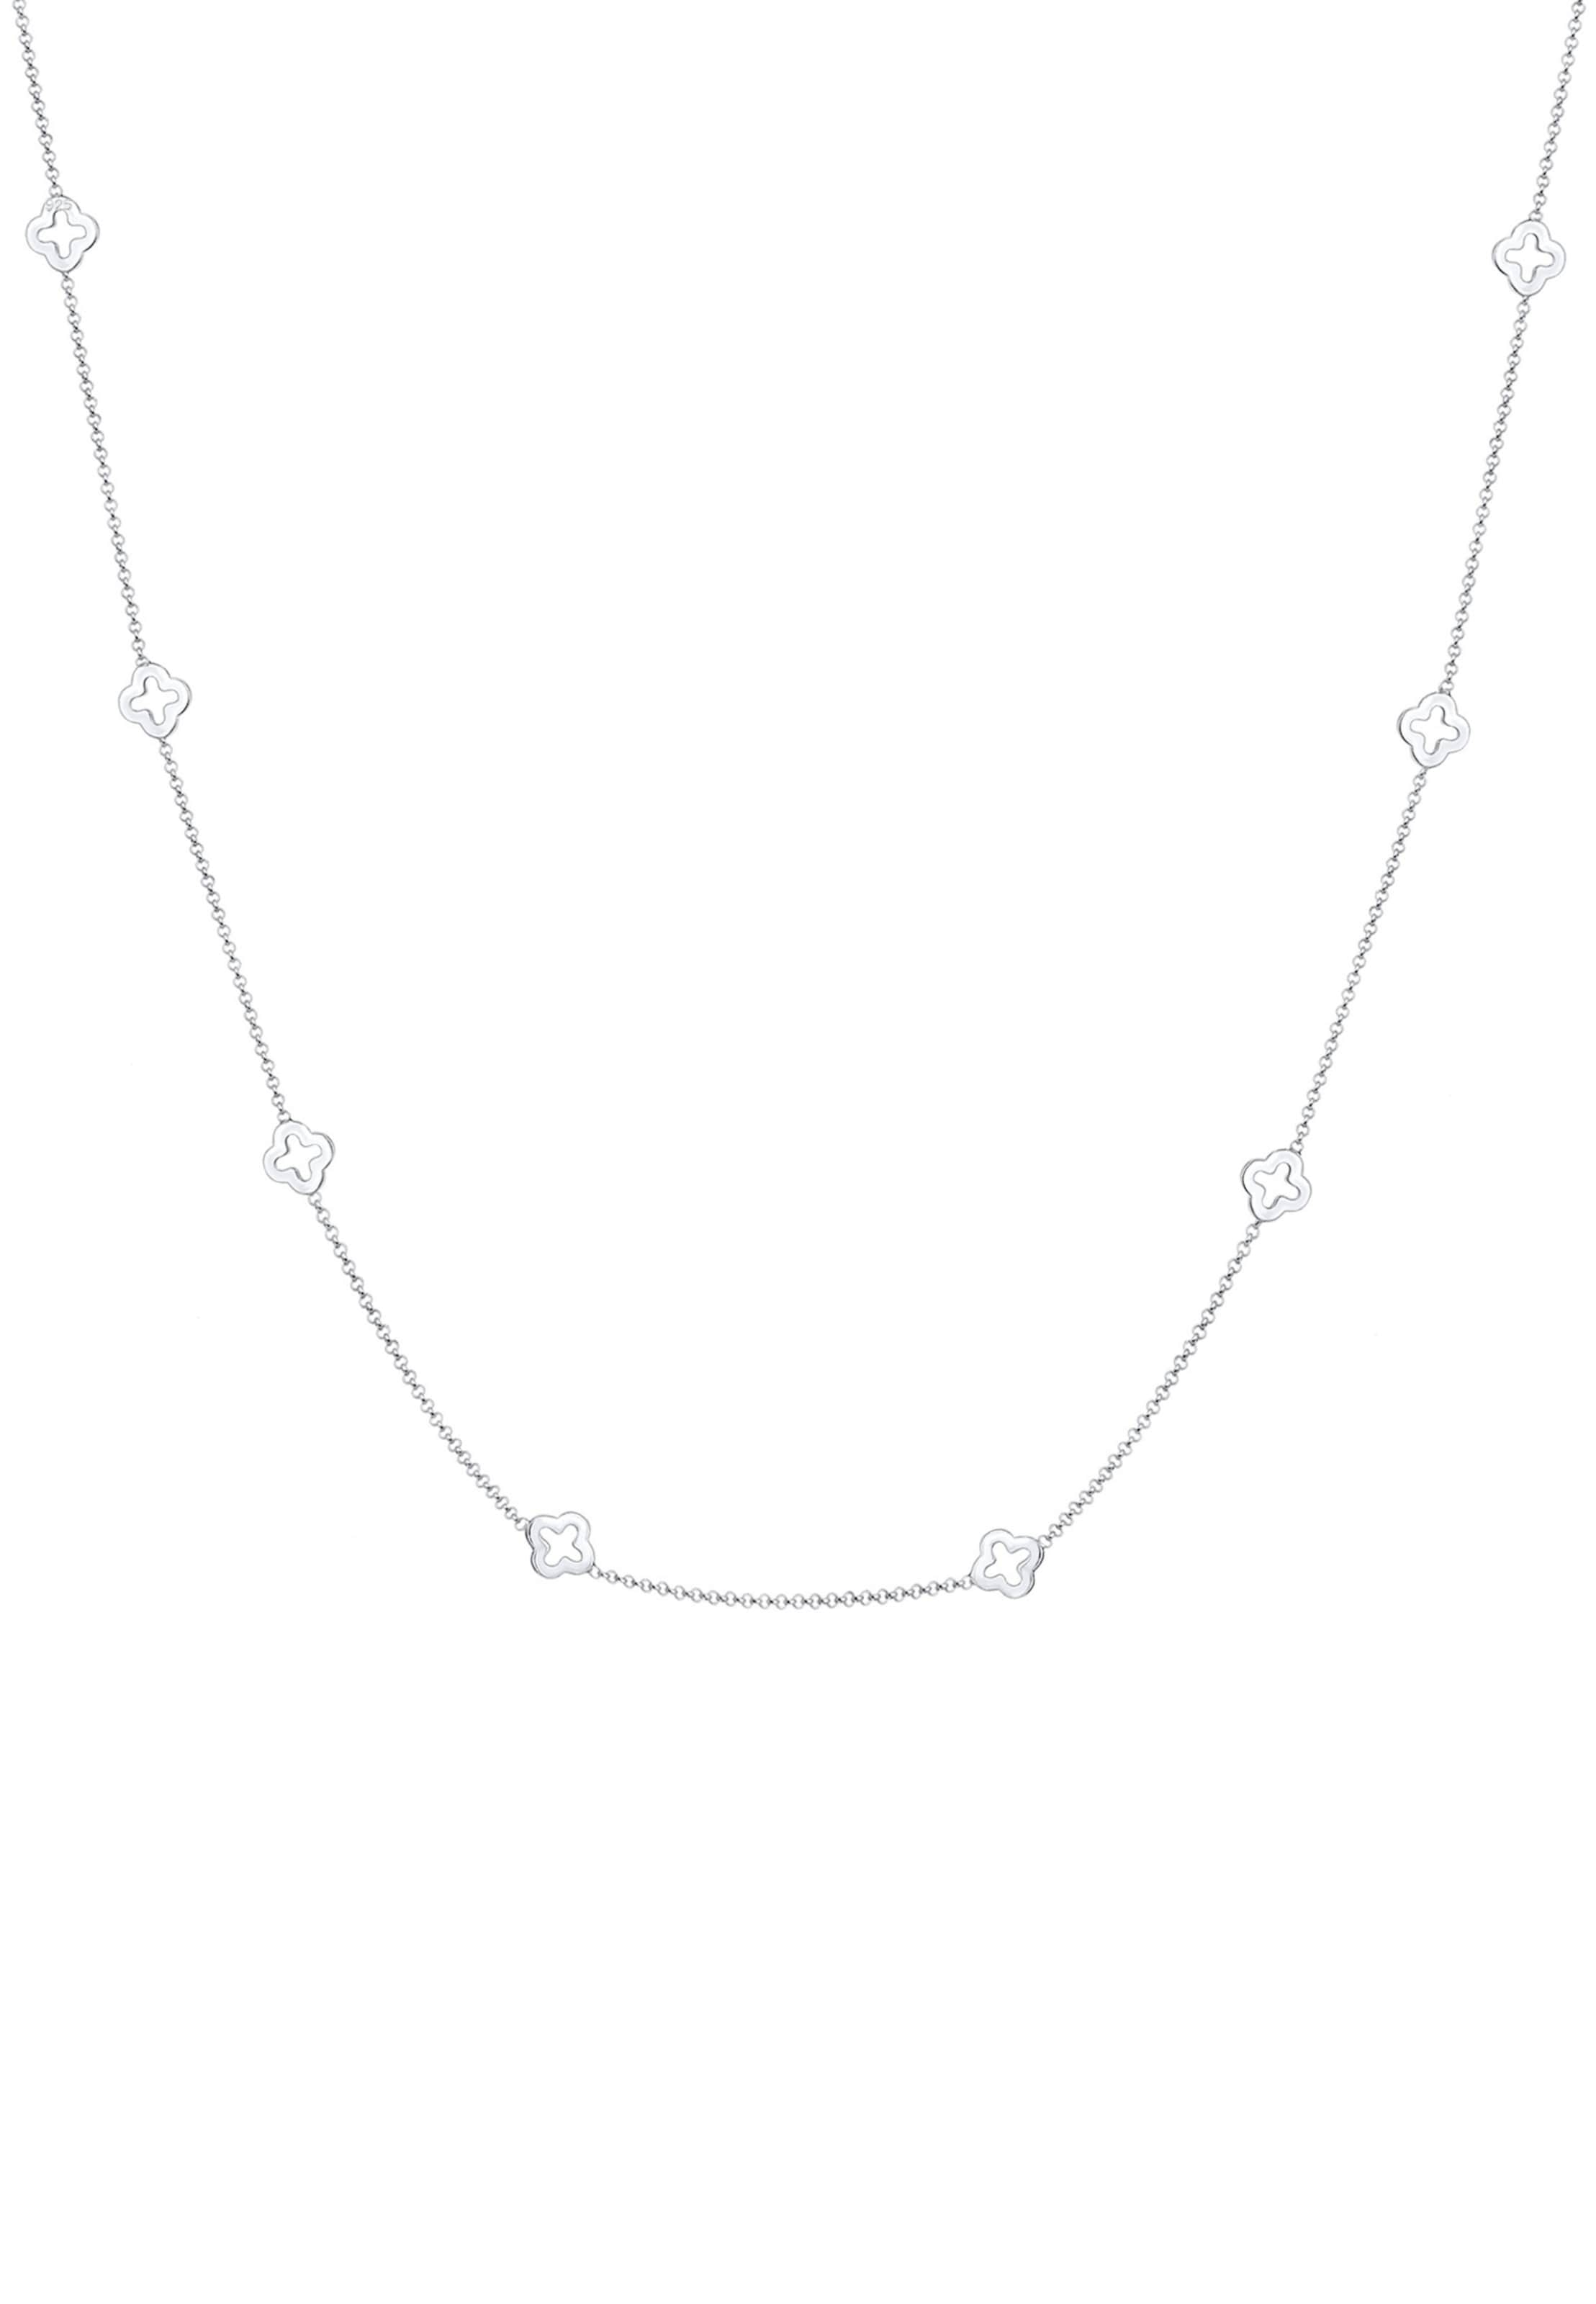 In Halskette 'kleeblatt' Silber Elli Elli Y6gvbf7y